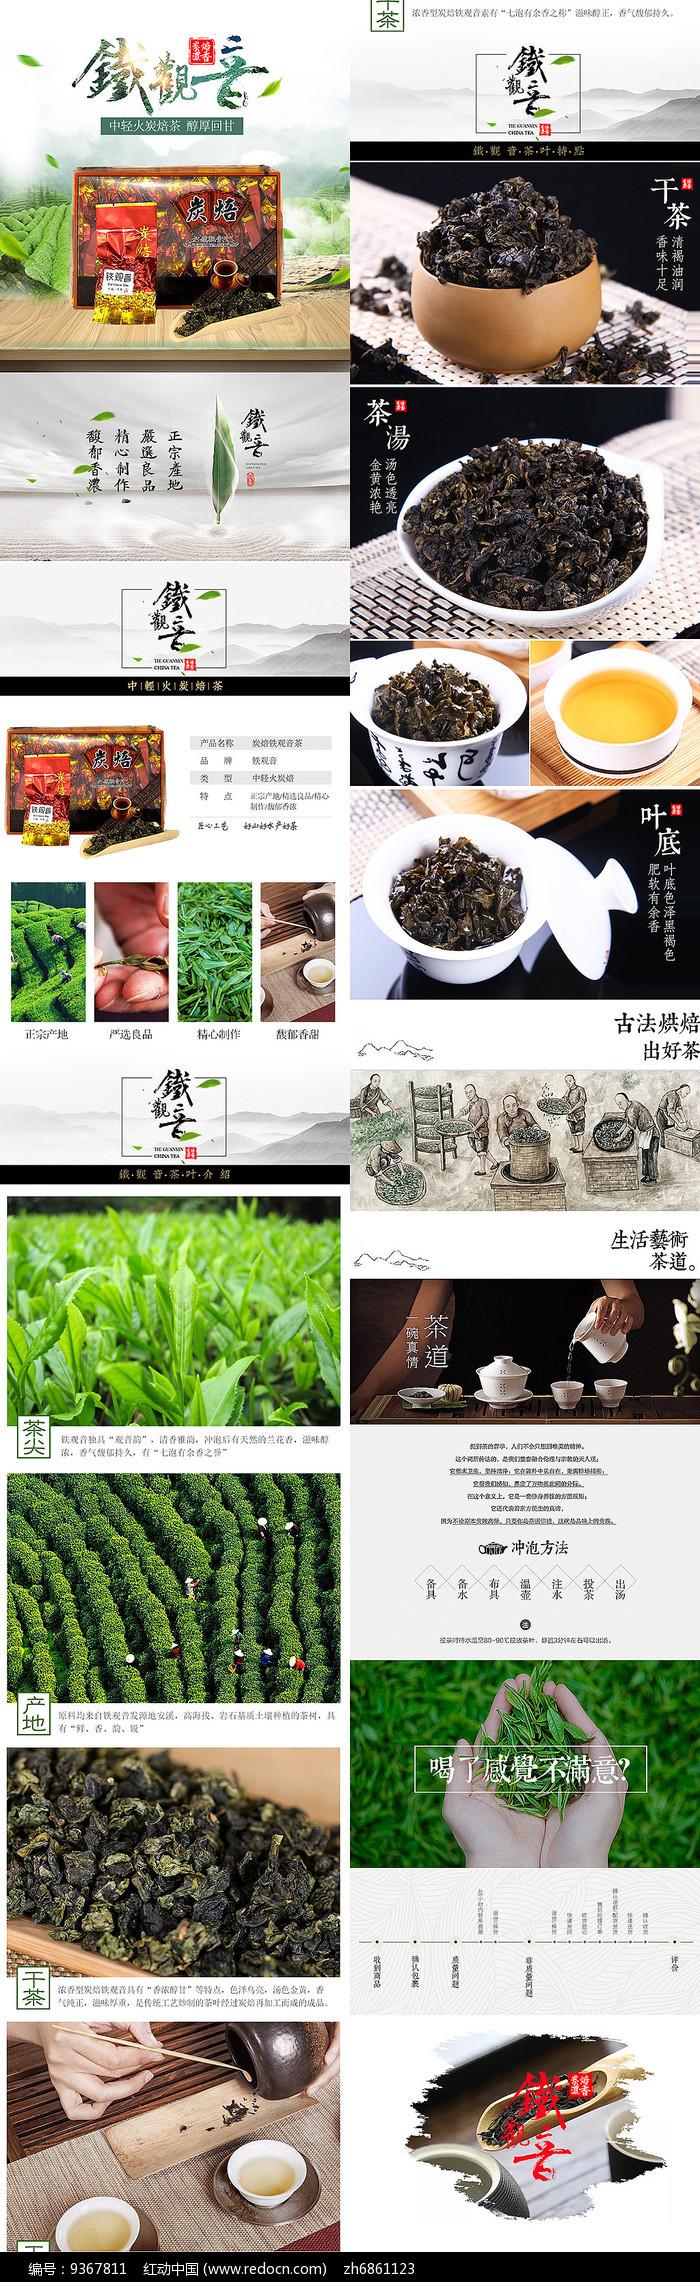 淘宝天猫茶叶详情页